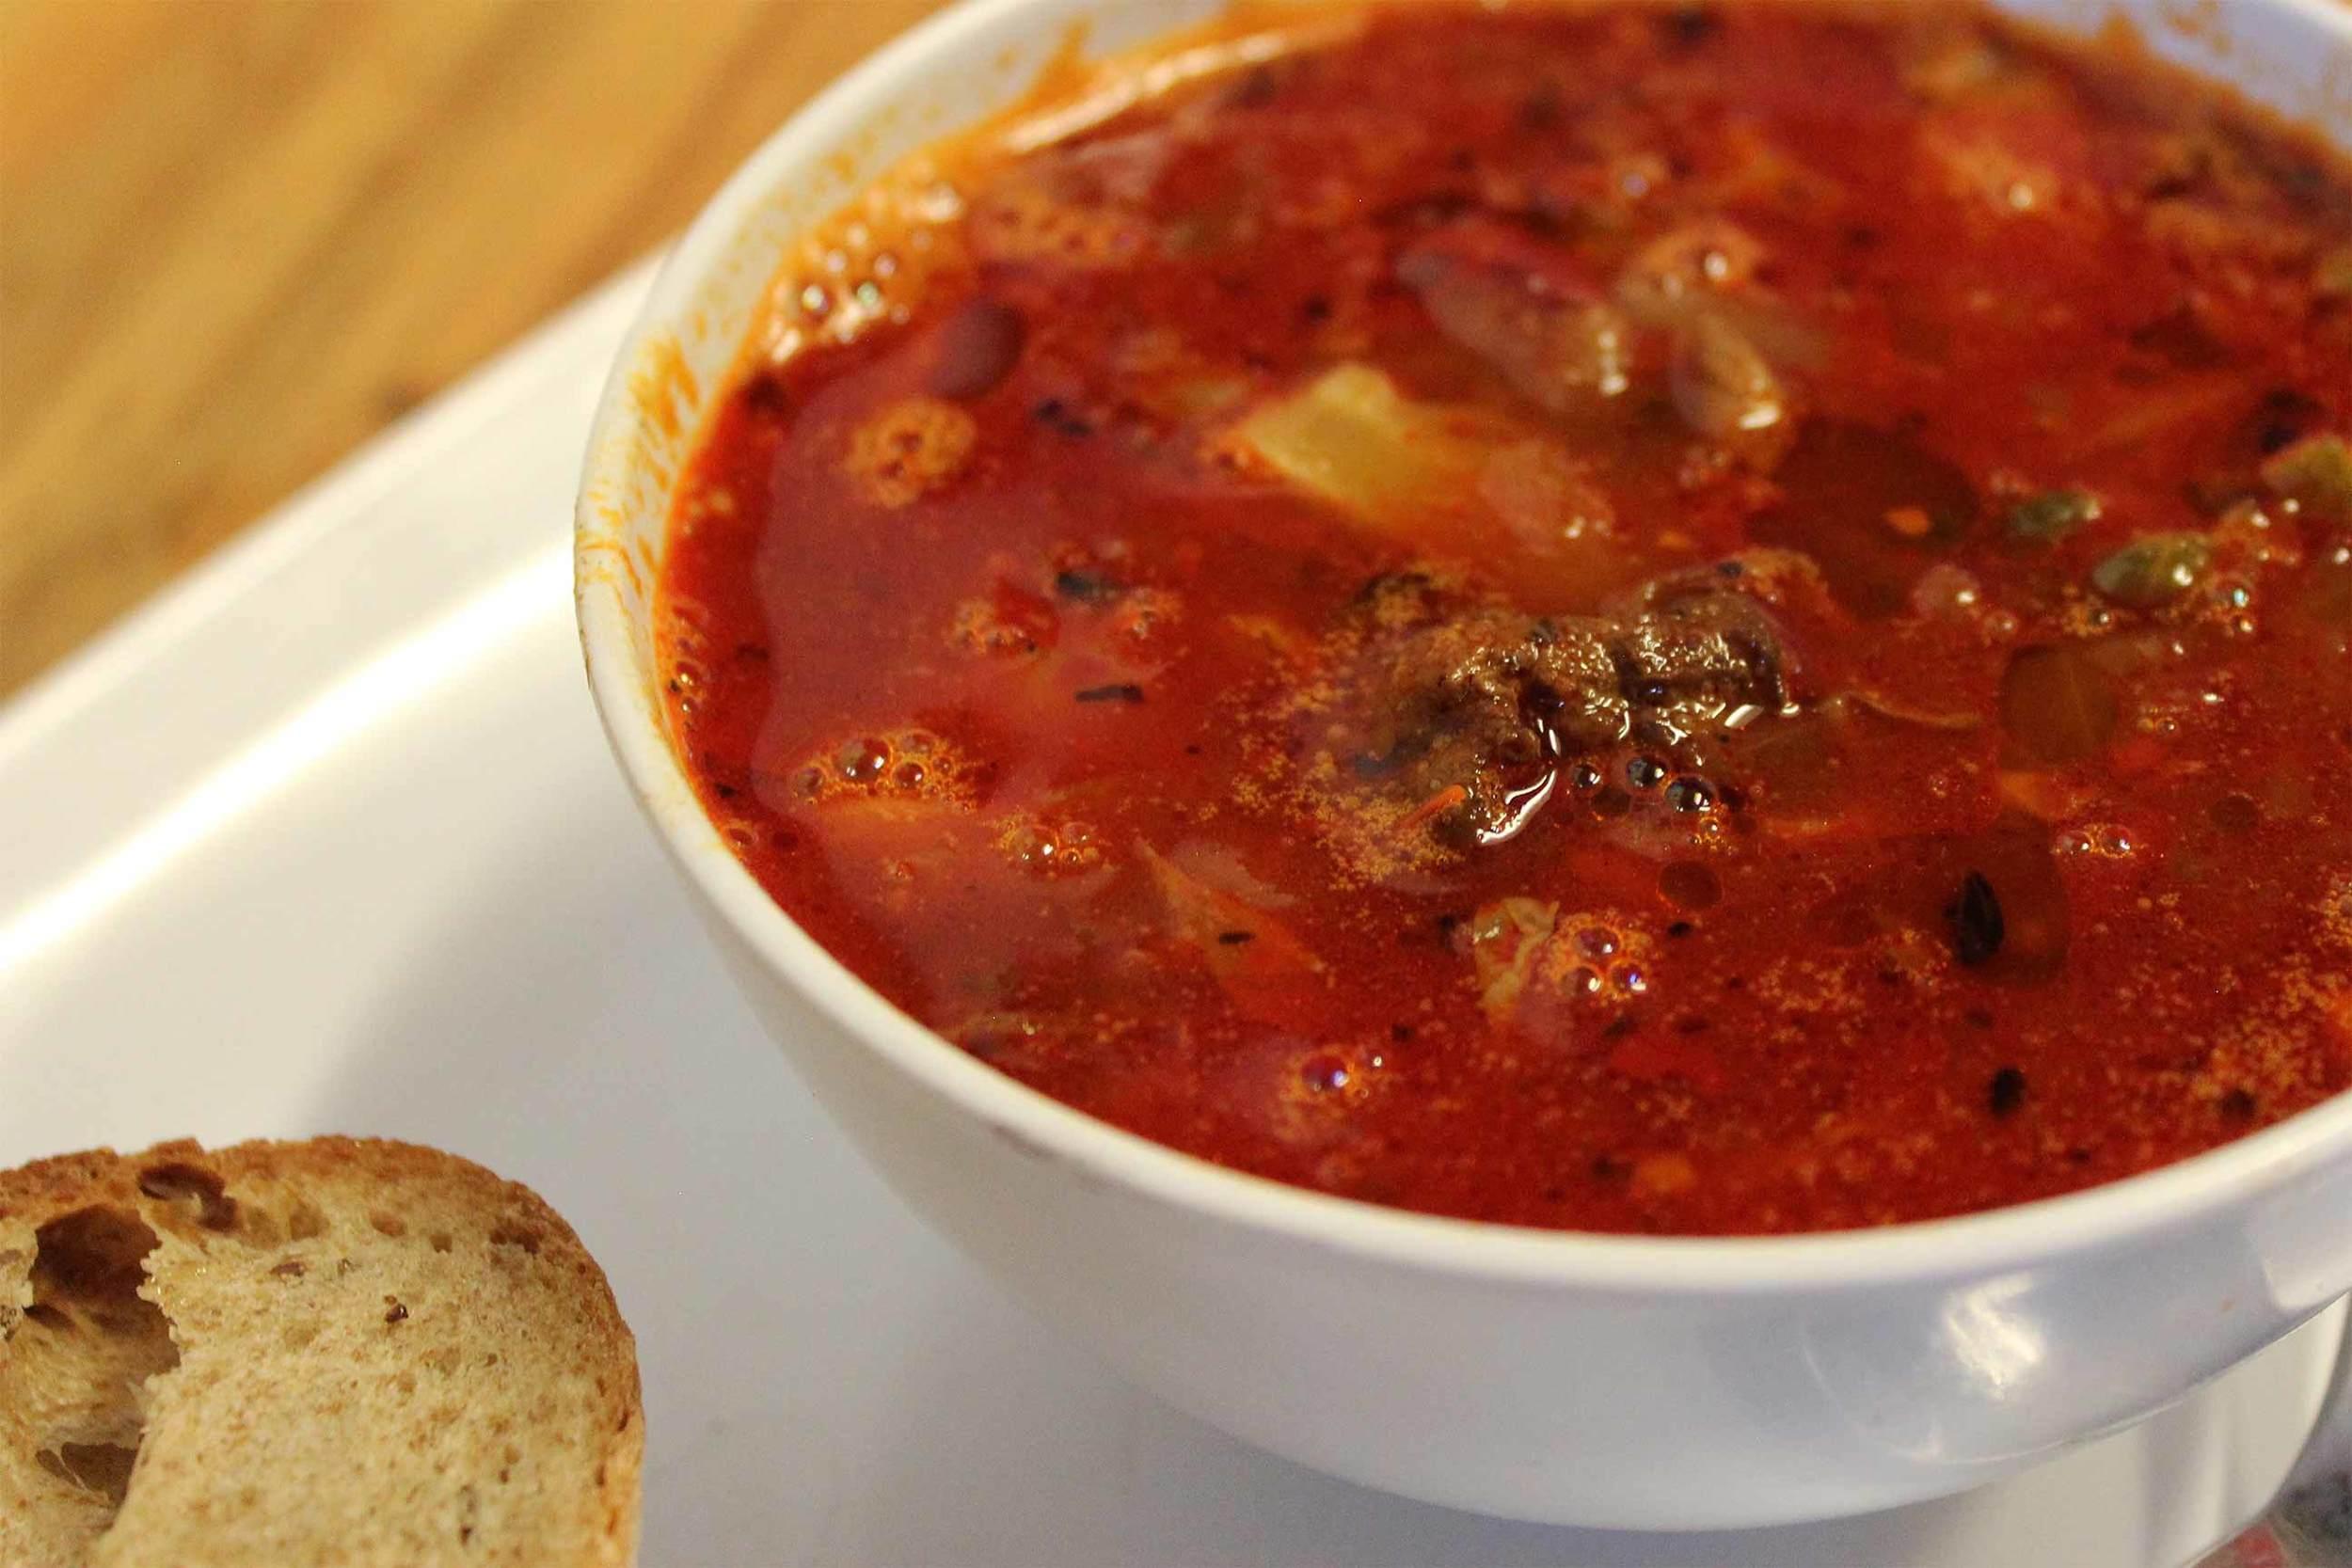 IMG_6257_Mtuccis_Soup.jpg